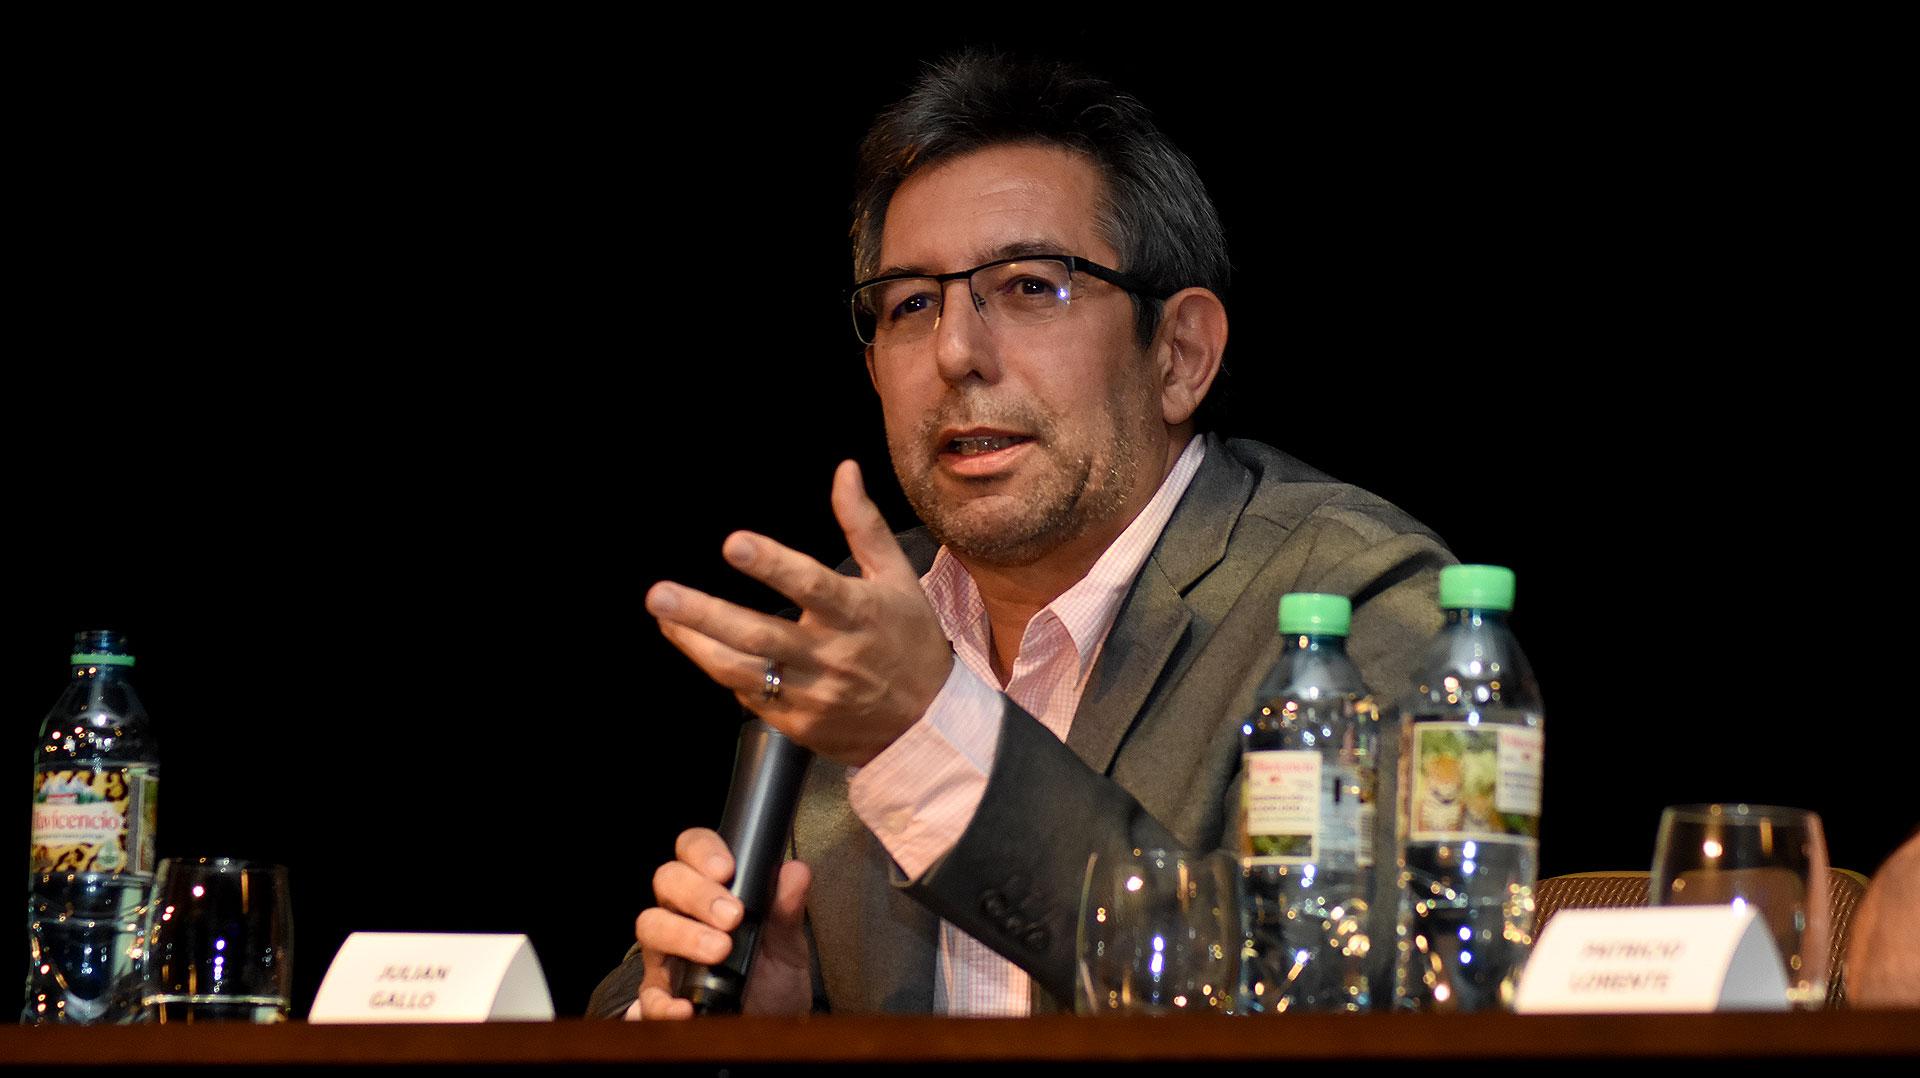 Julián Gallo, director de Contenido y Estrategia Digital, Redes Sociales y Web del Presidente Mauricio Macri , durante su exposición